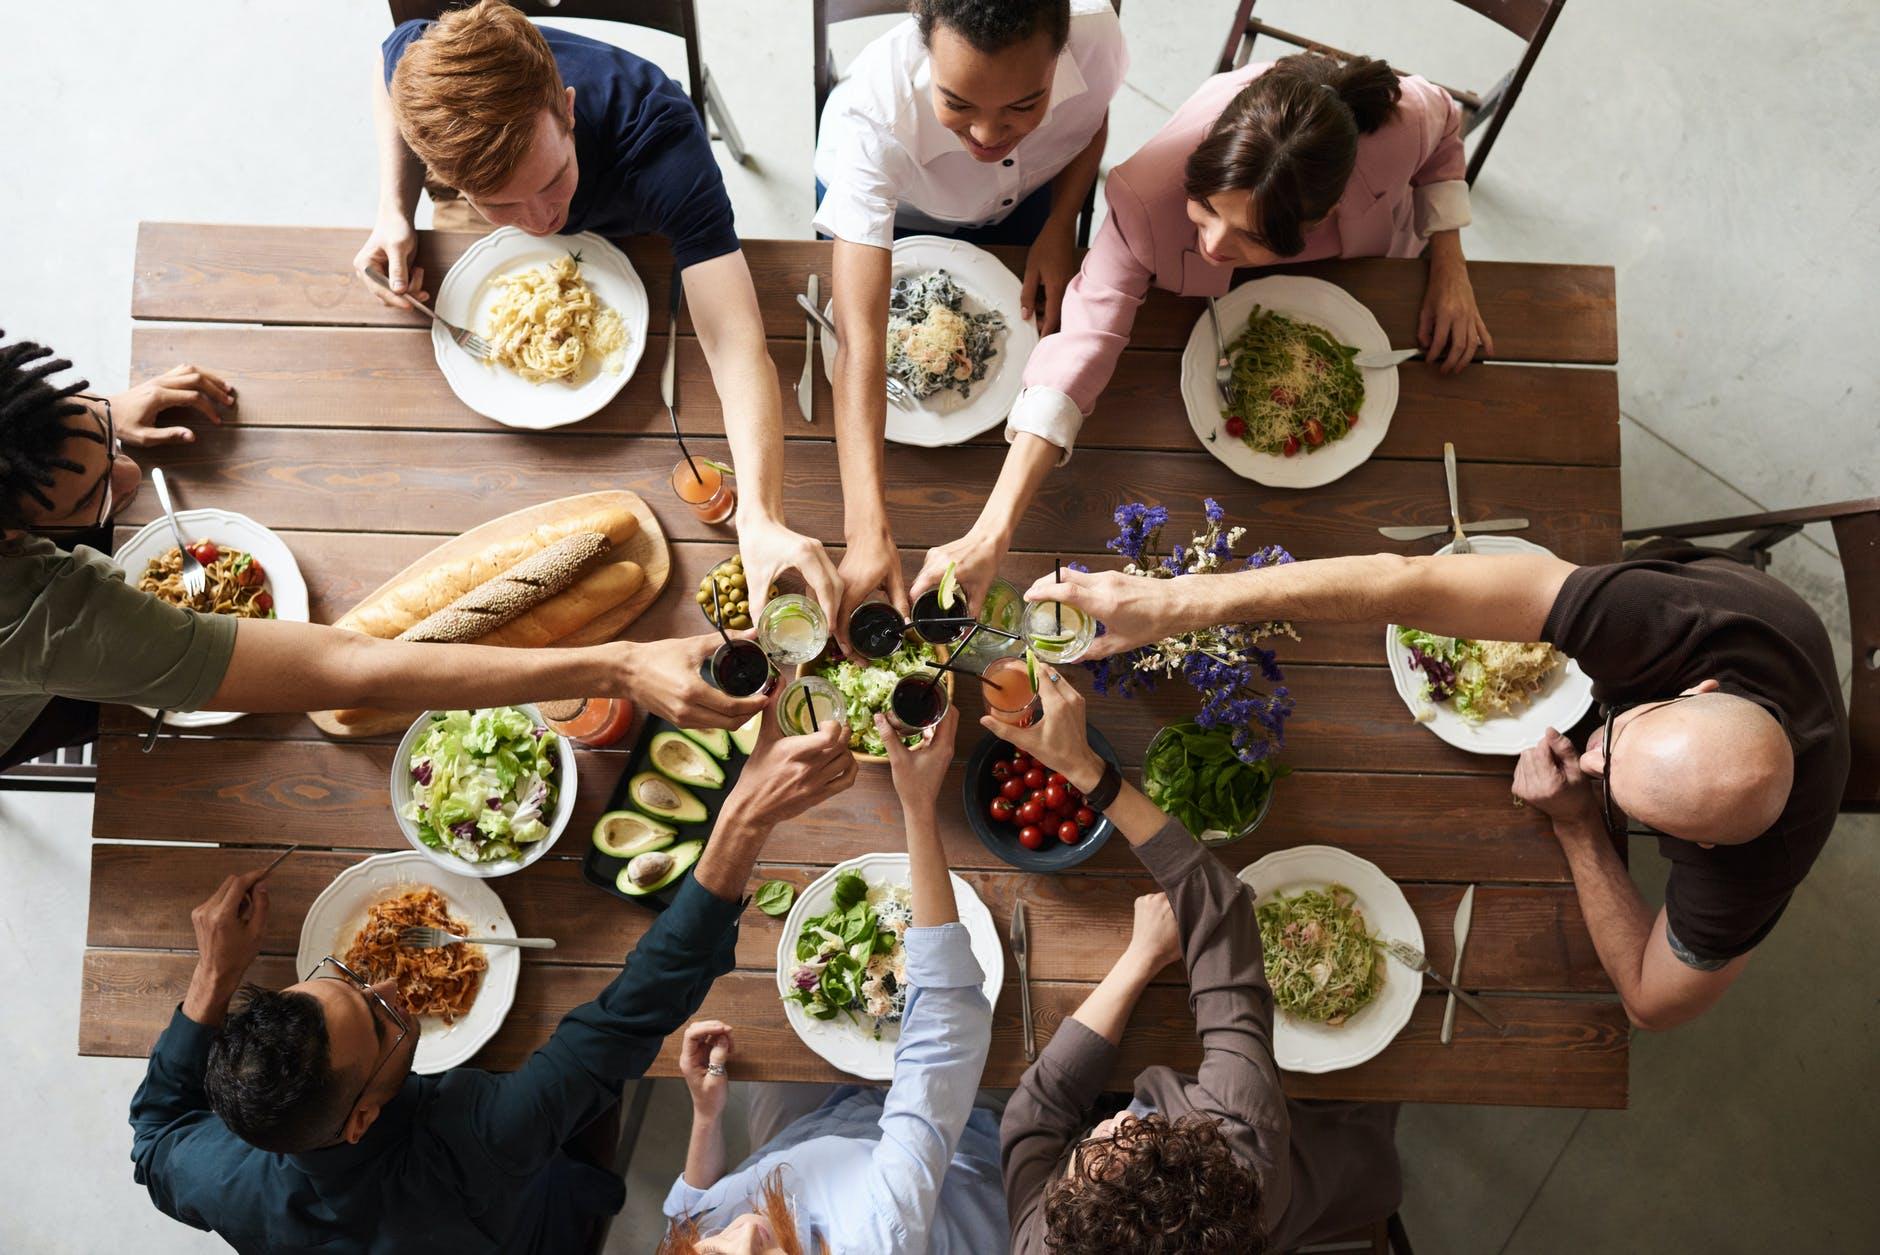 phép lịch sử tối thiểu ai cũng nên biết; phép lích sự trên bàn ăn; phép lịch sự cơ bản; phep lich su; phép lịch sự trong giao tiếp; phép lịch sự trong ăn uống; phép lịch sự là gì; tại sao phải lịch sự